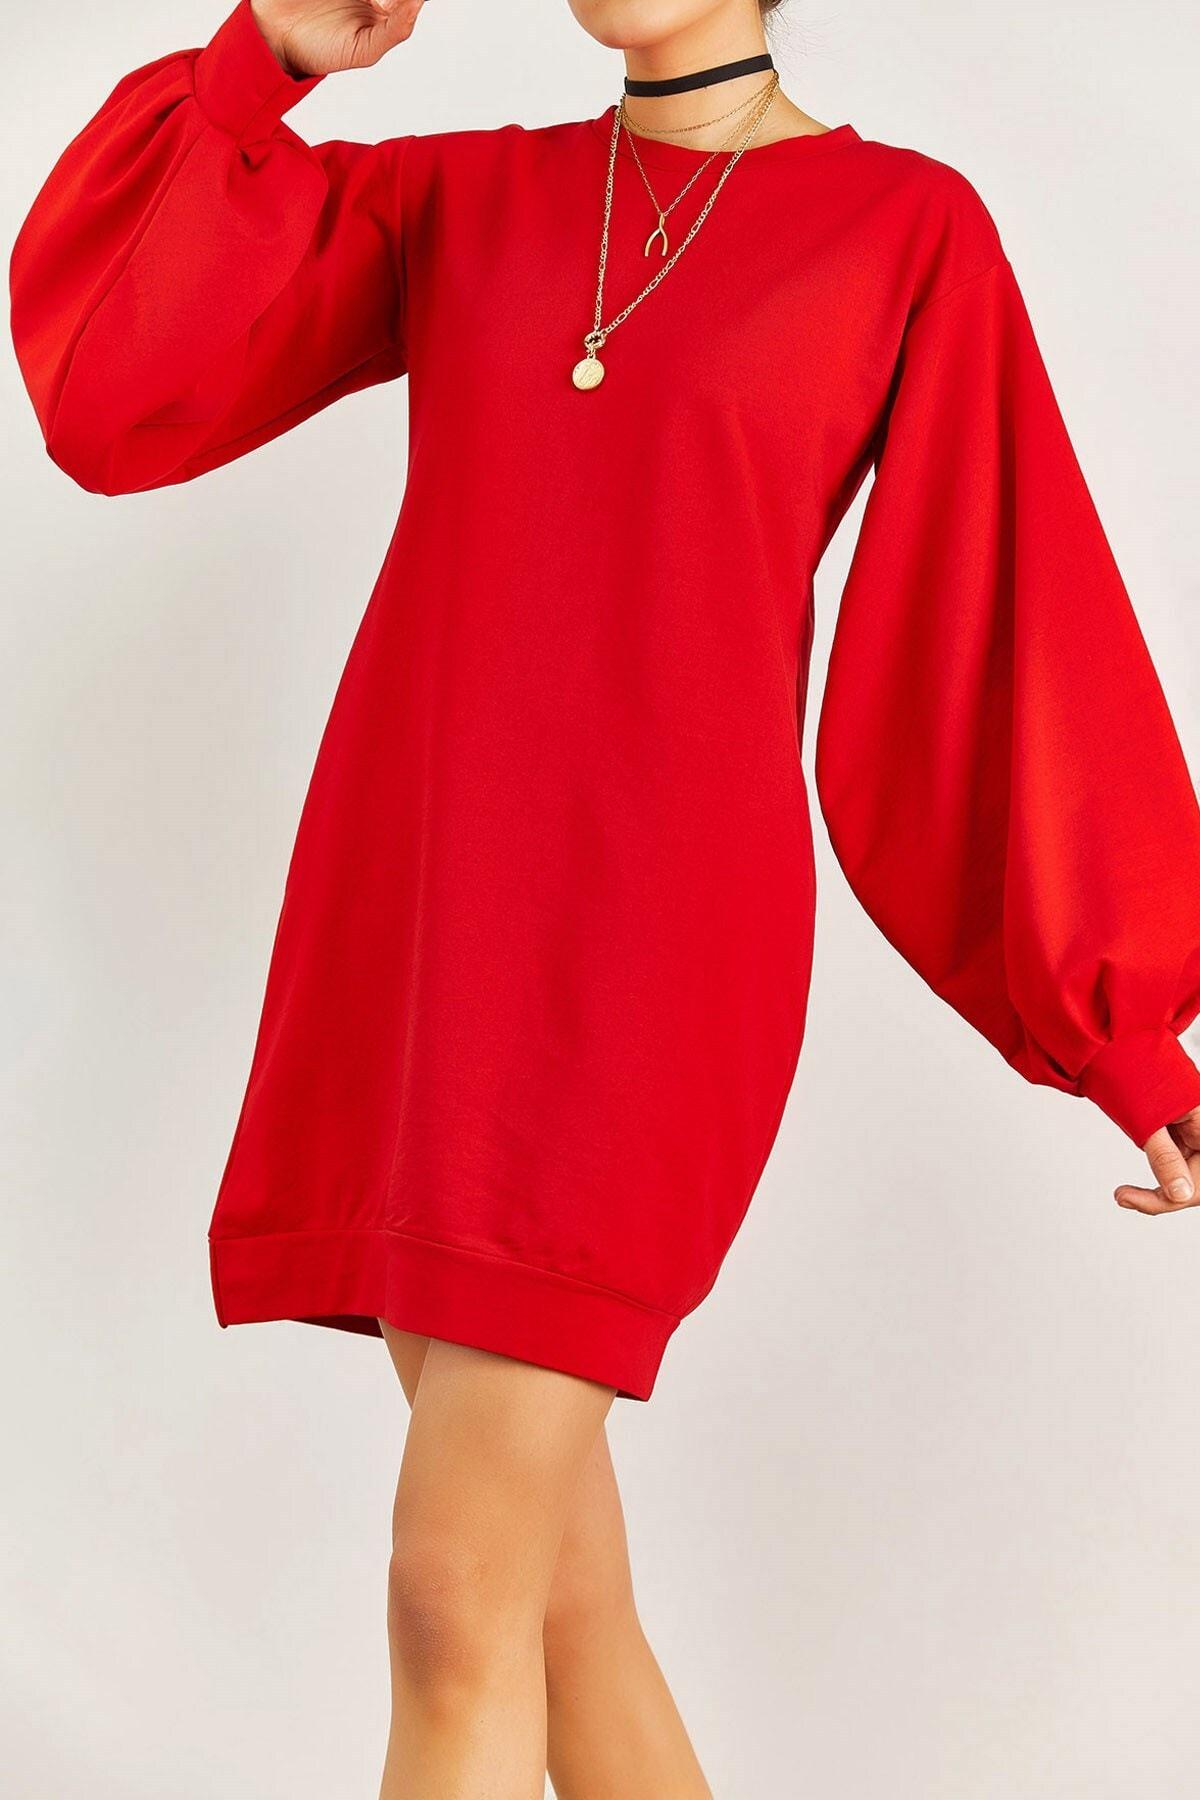 Boutiquen Kadın Kırmızı Balon Kol Elbise 2188